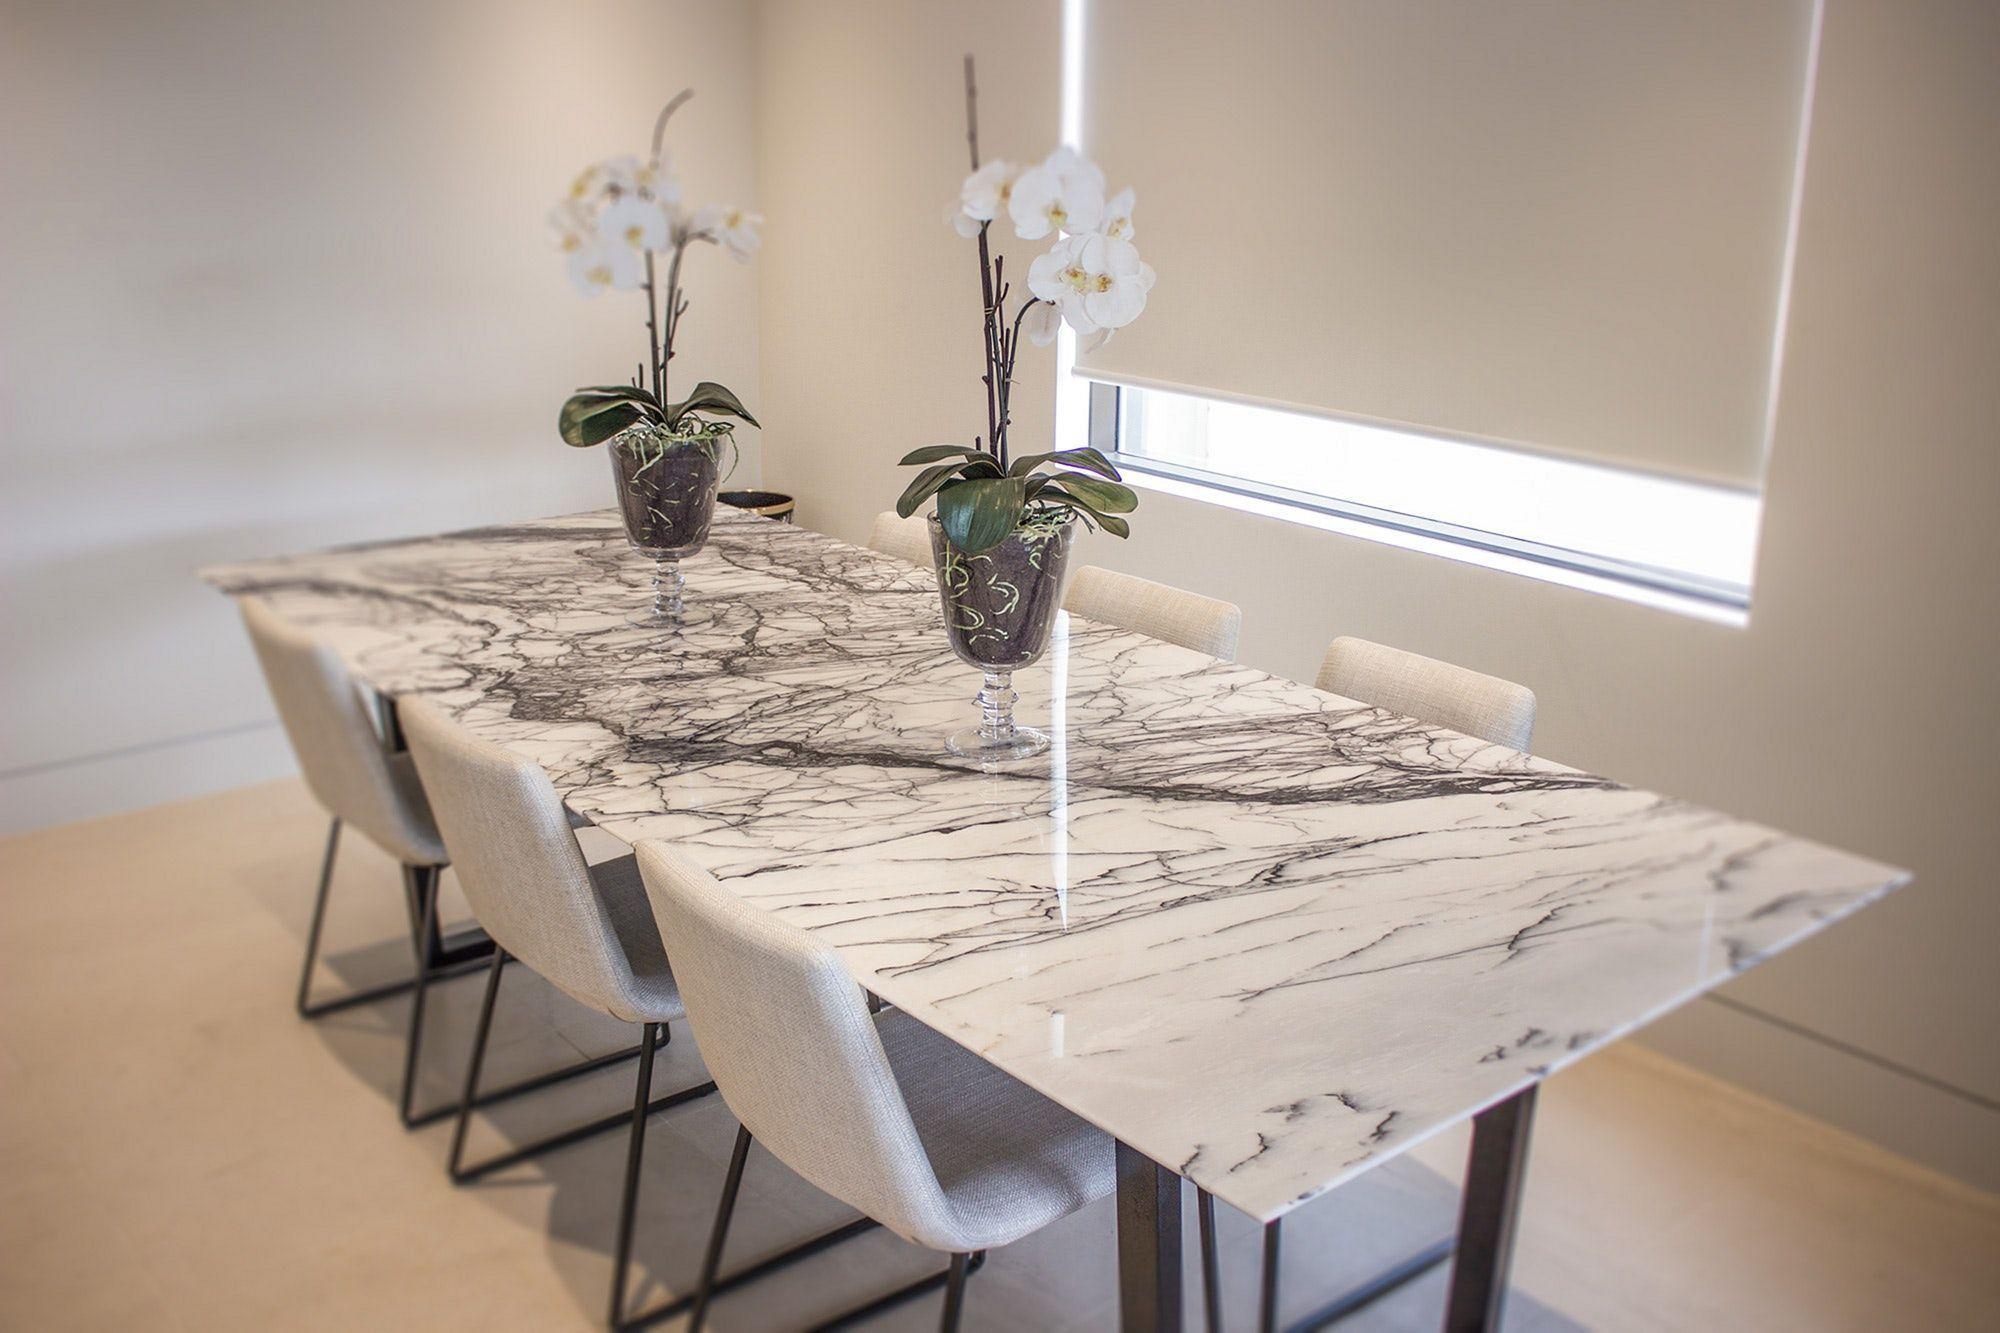 15 Bester Langlebiger Marmor Kuchentisch Den Sie Ausprobieren Mussen In 2020 Weisser Marmor Kuche Esszimmertisch Kuche Tisch